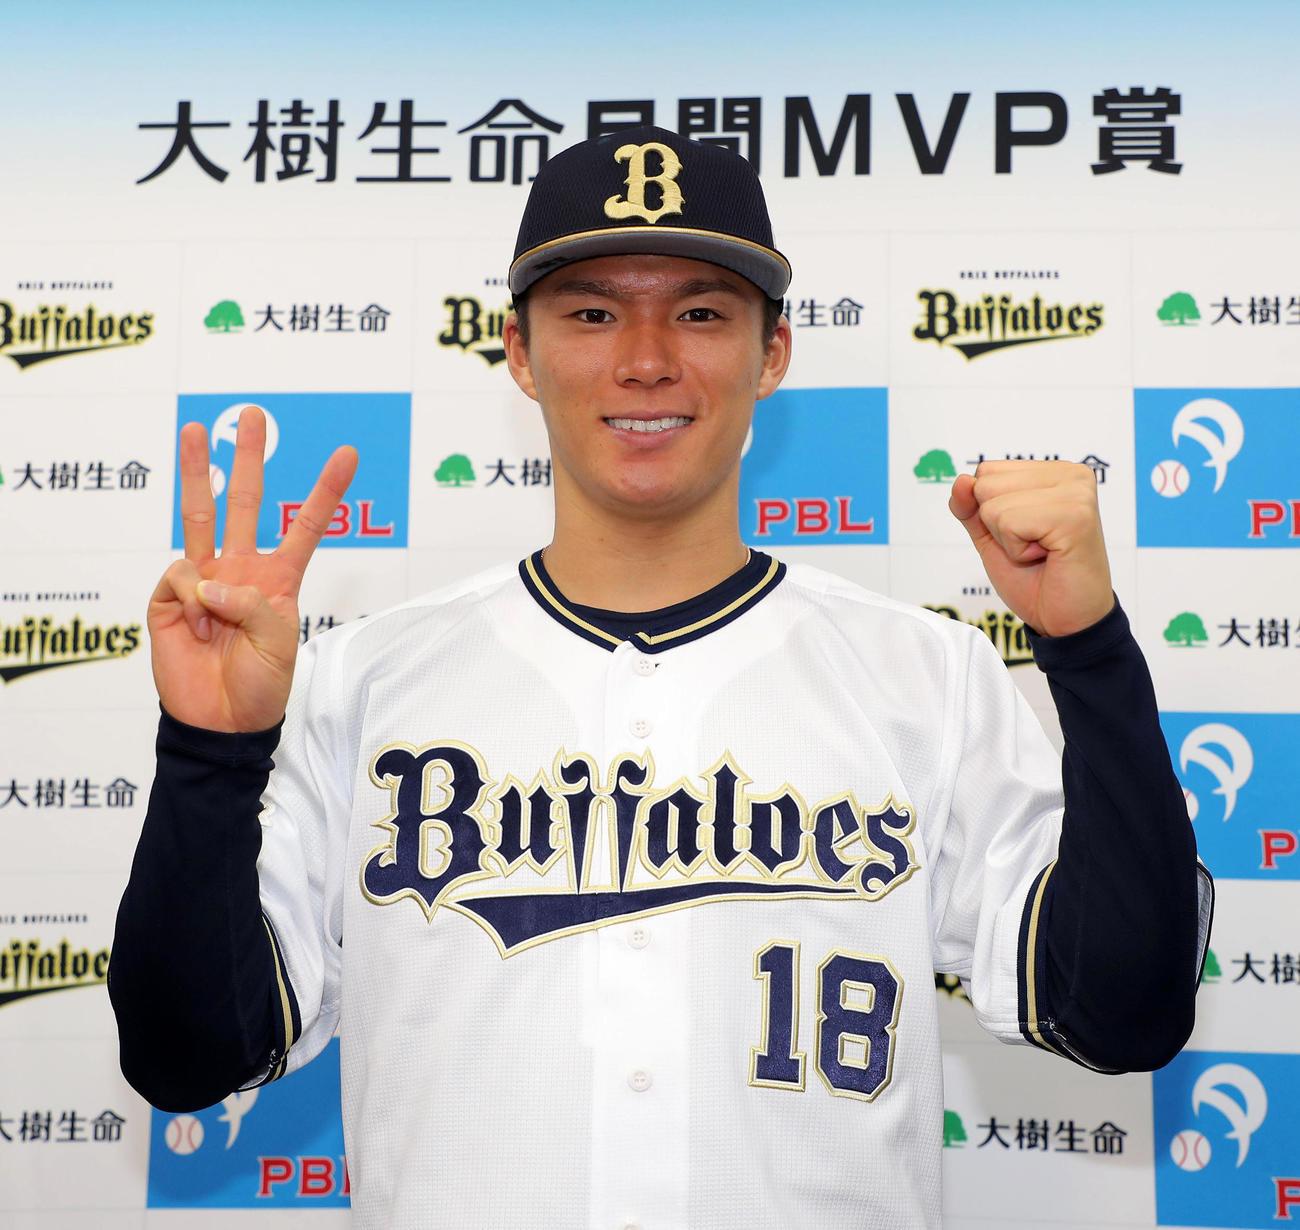 オリックス山本由伸3カ月連続で月間MVP、能見兼任コーチらに感謝 - プロ野球 : 日刊スポーツ